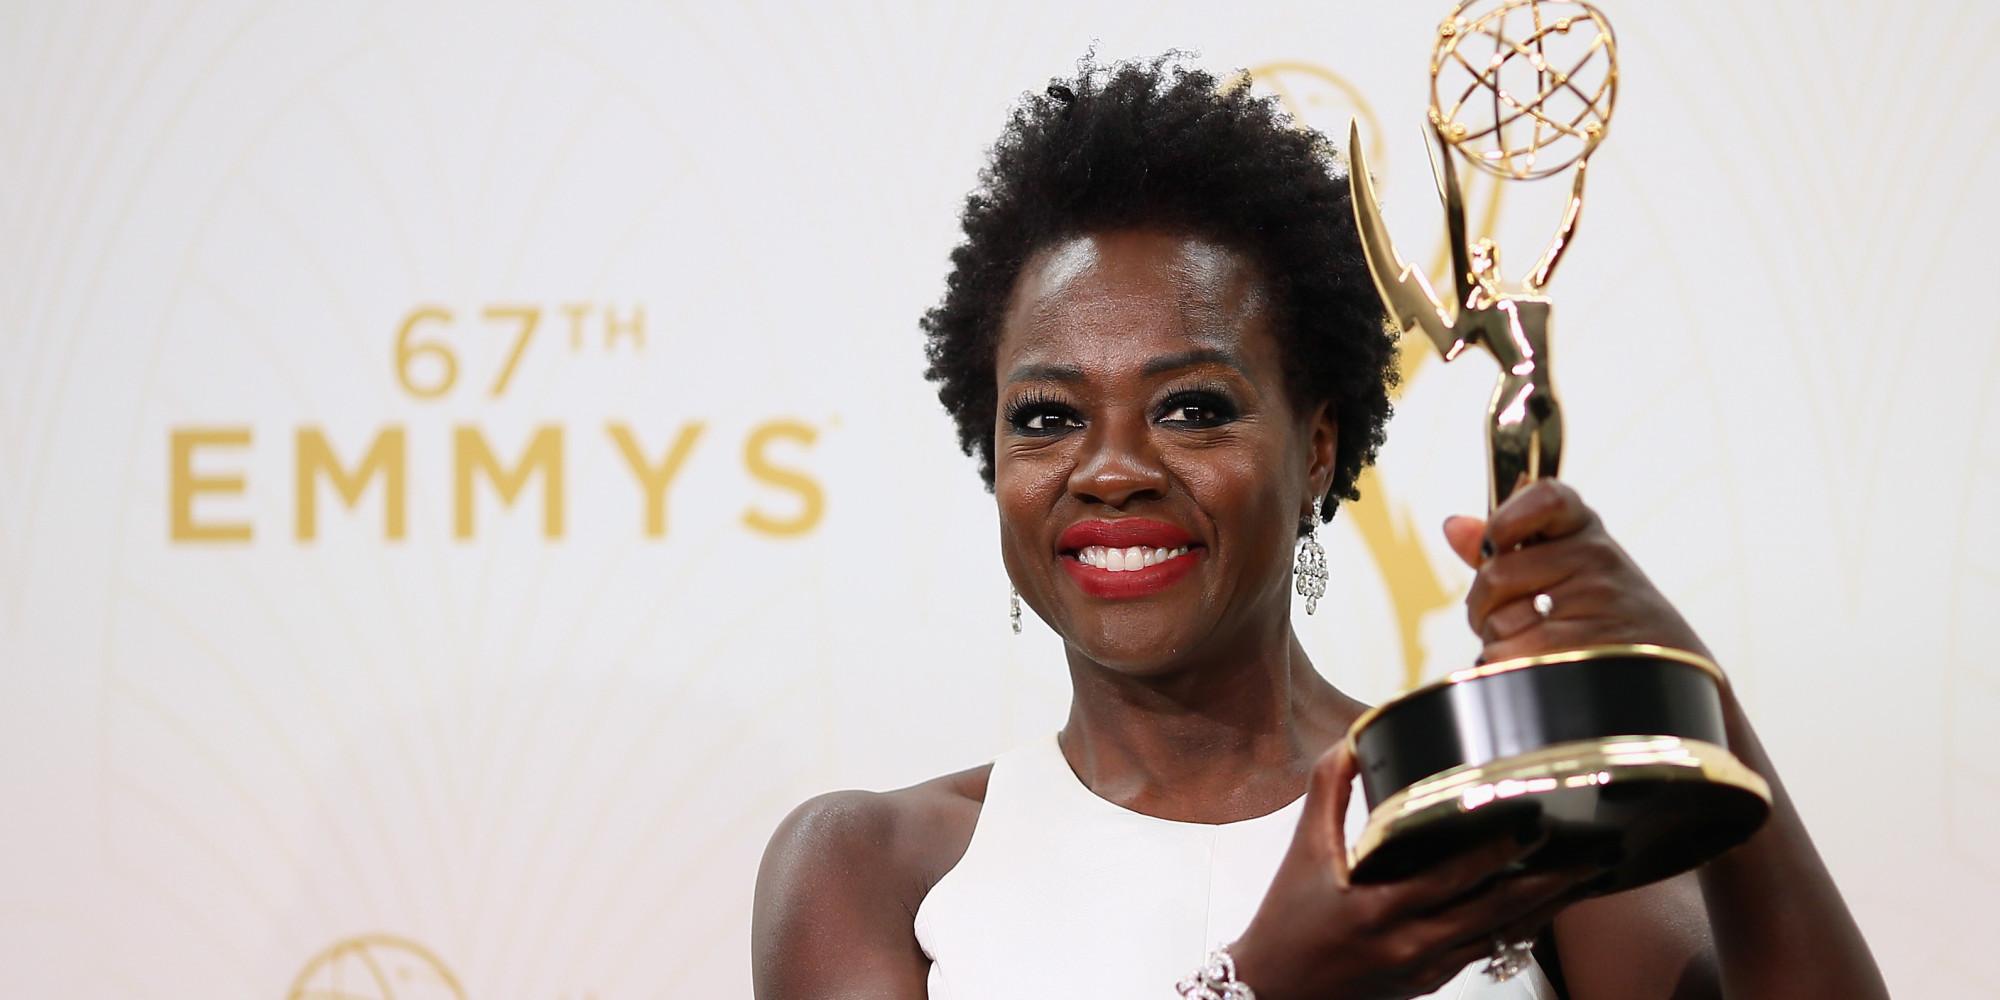 Os Emmys de 2015